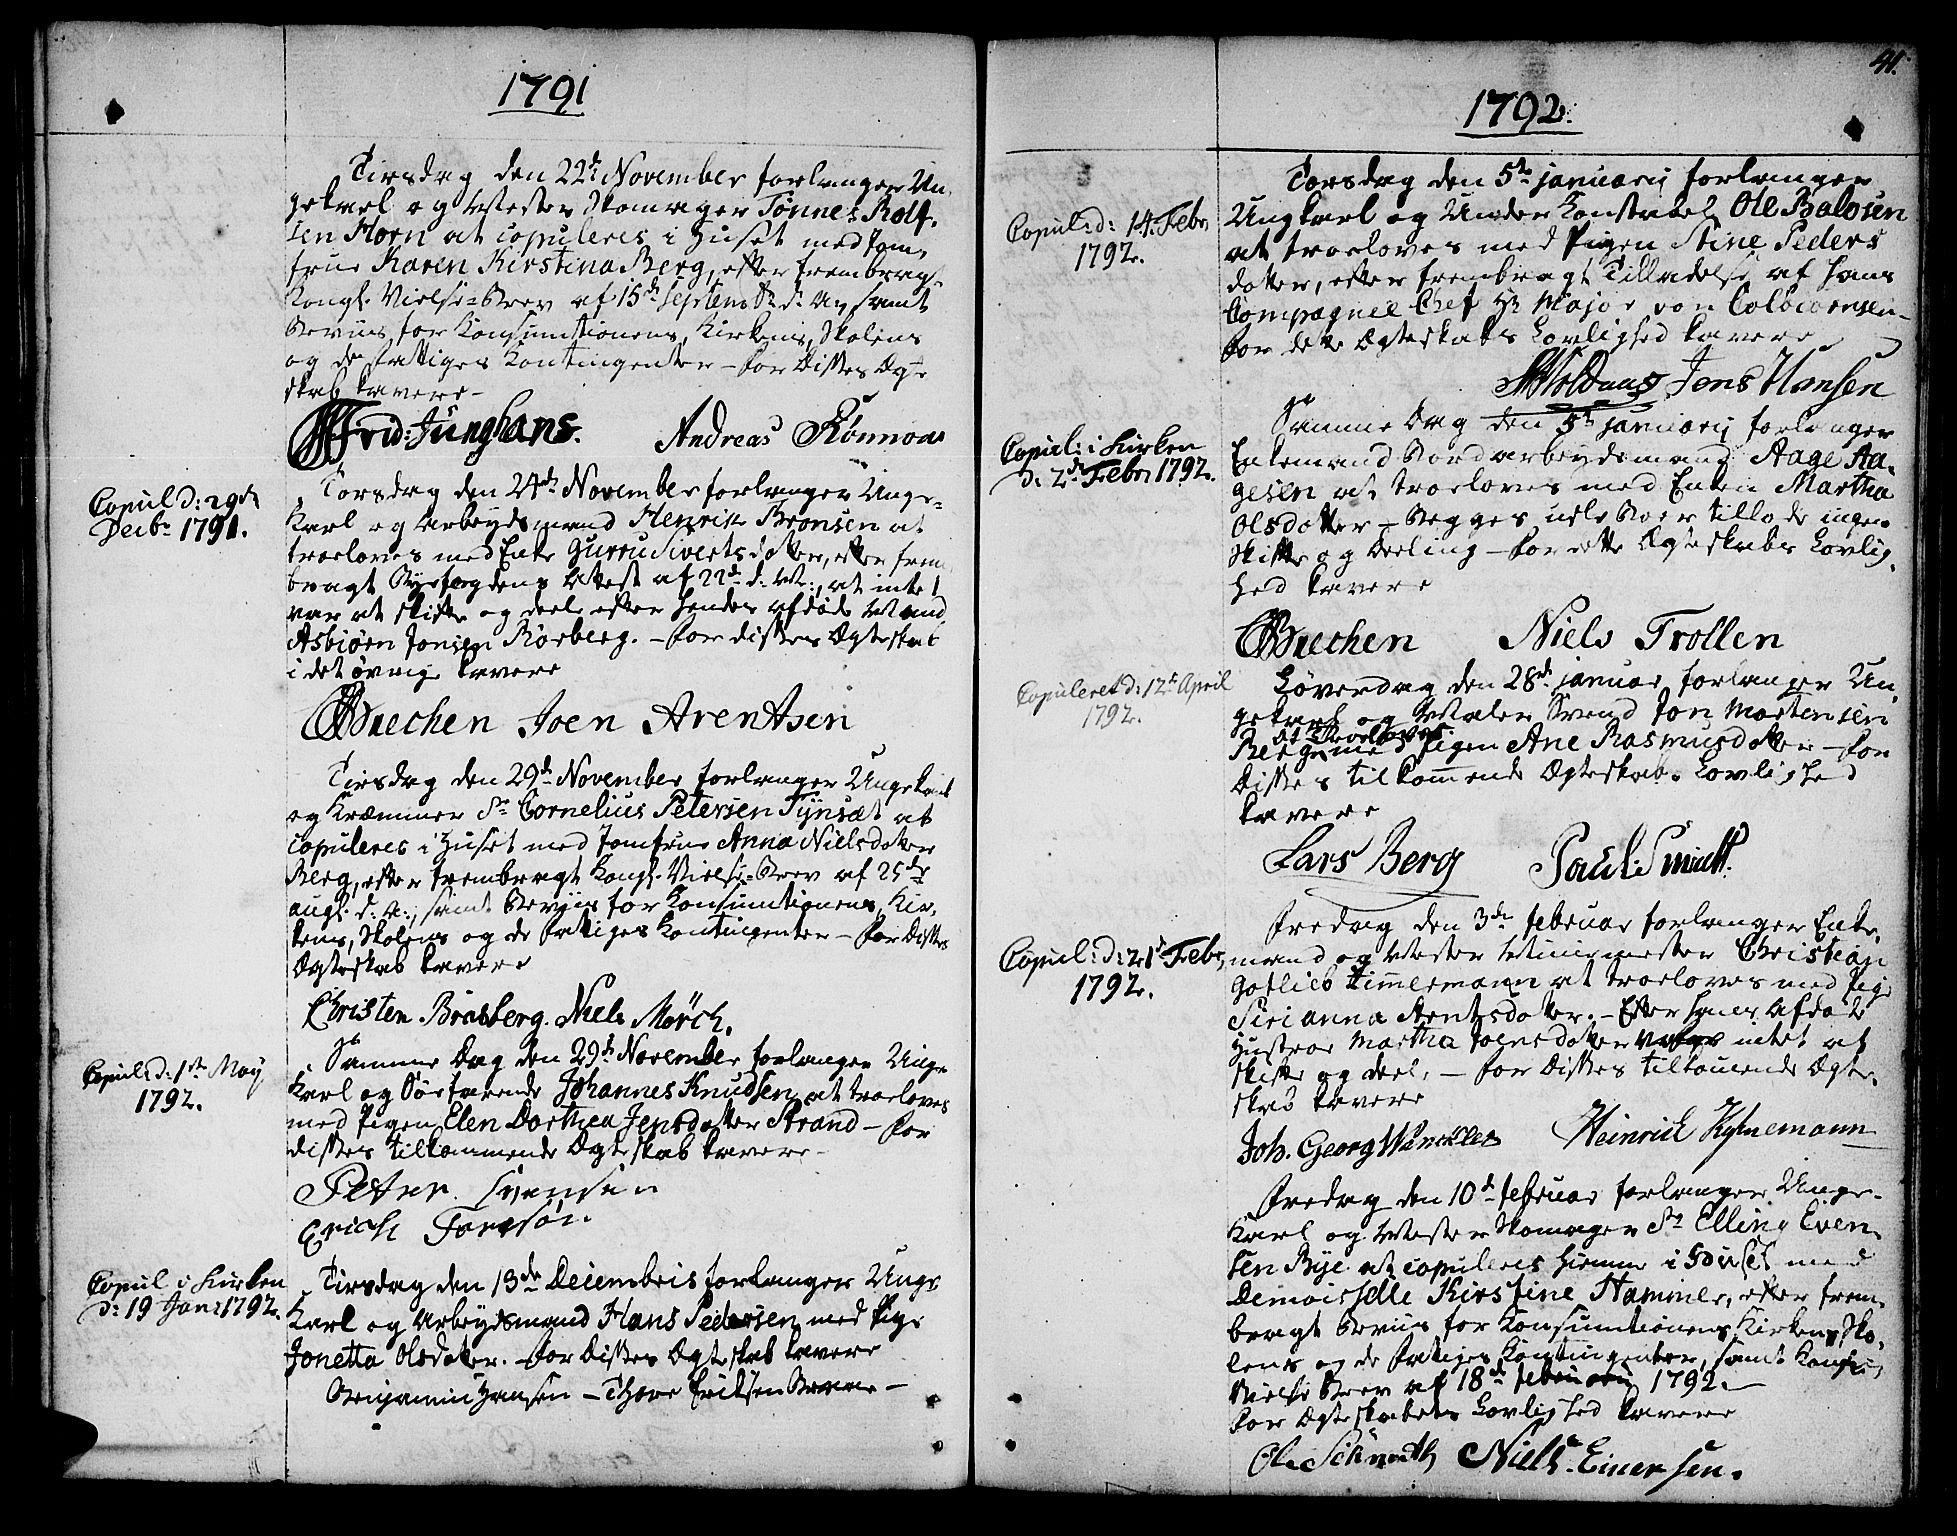 SAT, Ministerialprotokoller, klokkerbøker og fødselsregistre - Sør-Trøndelag, 601/L0041: Ministerialbok nr. 601A09, 1784-1801, s. 41